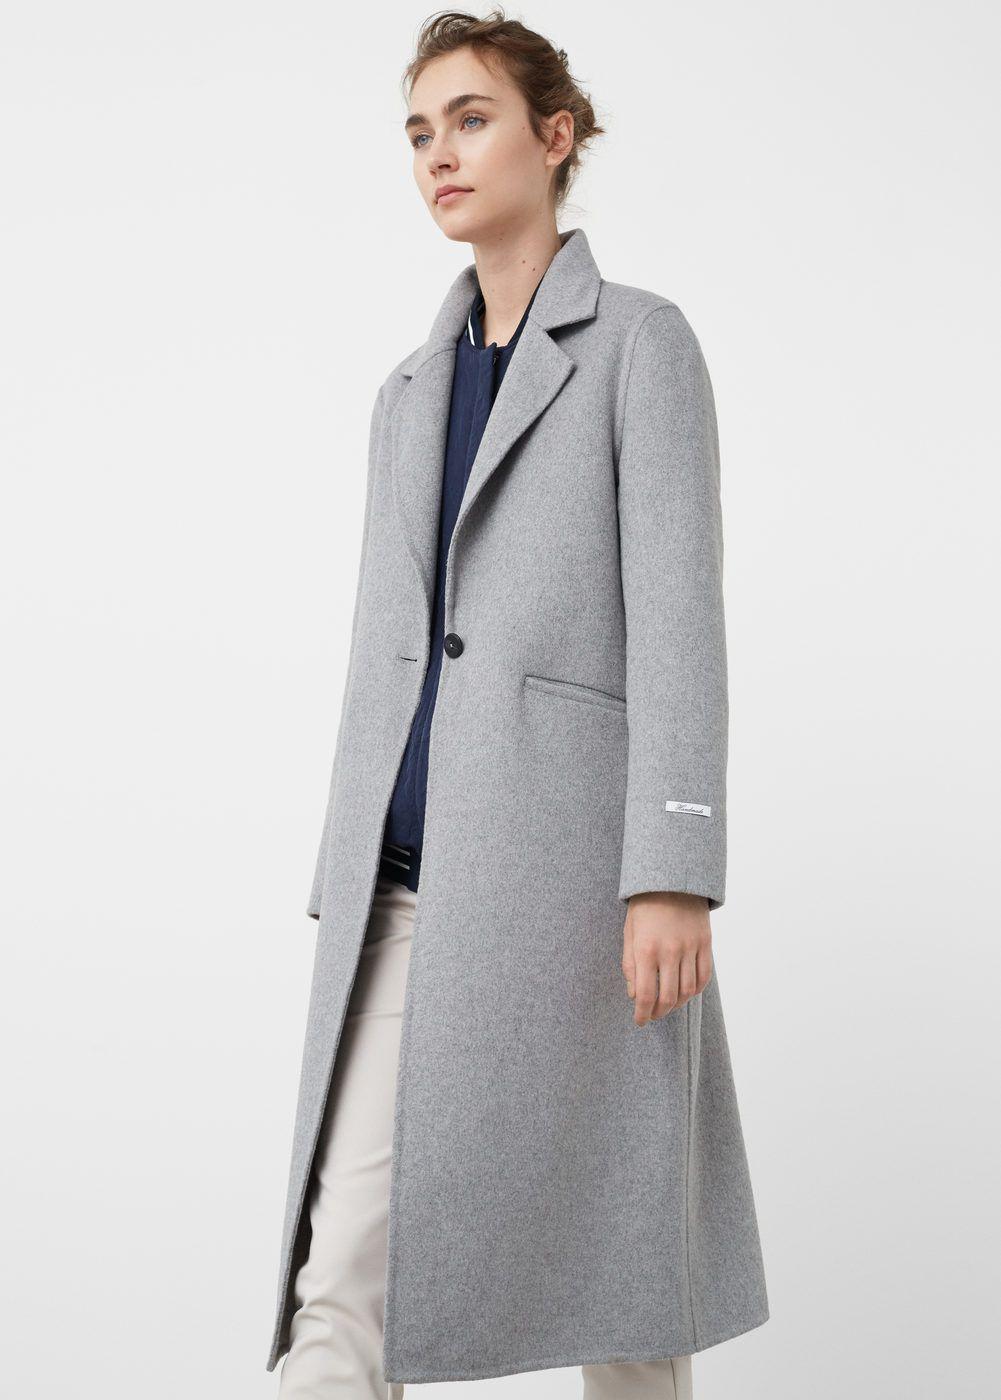 Abrigos Pinterest De Wool WomanChic Mujer Coat Handmade GqSzUMVp